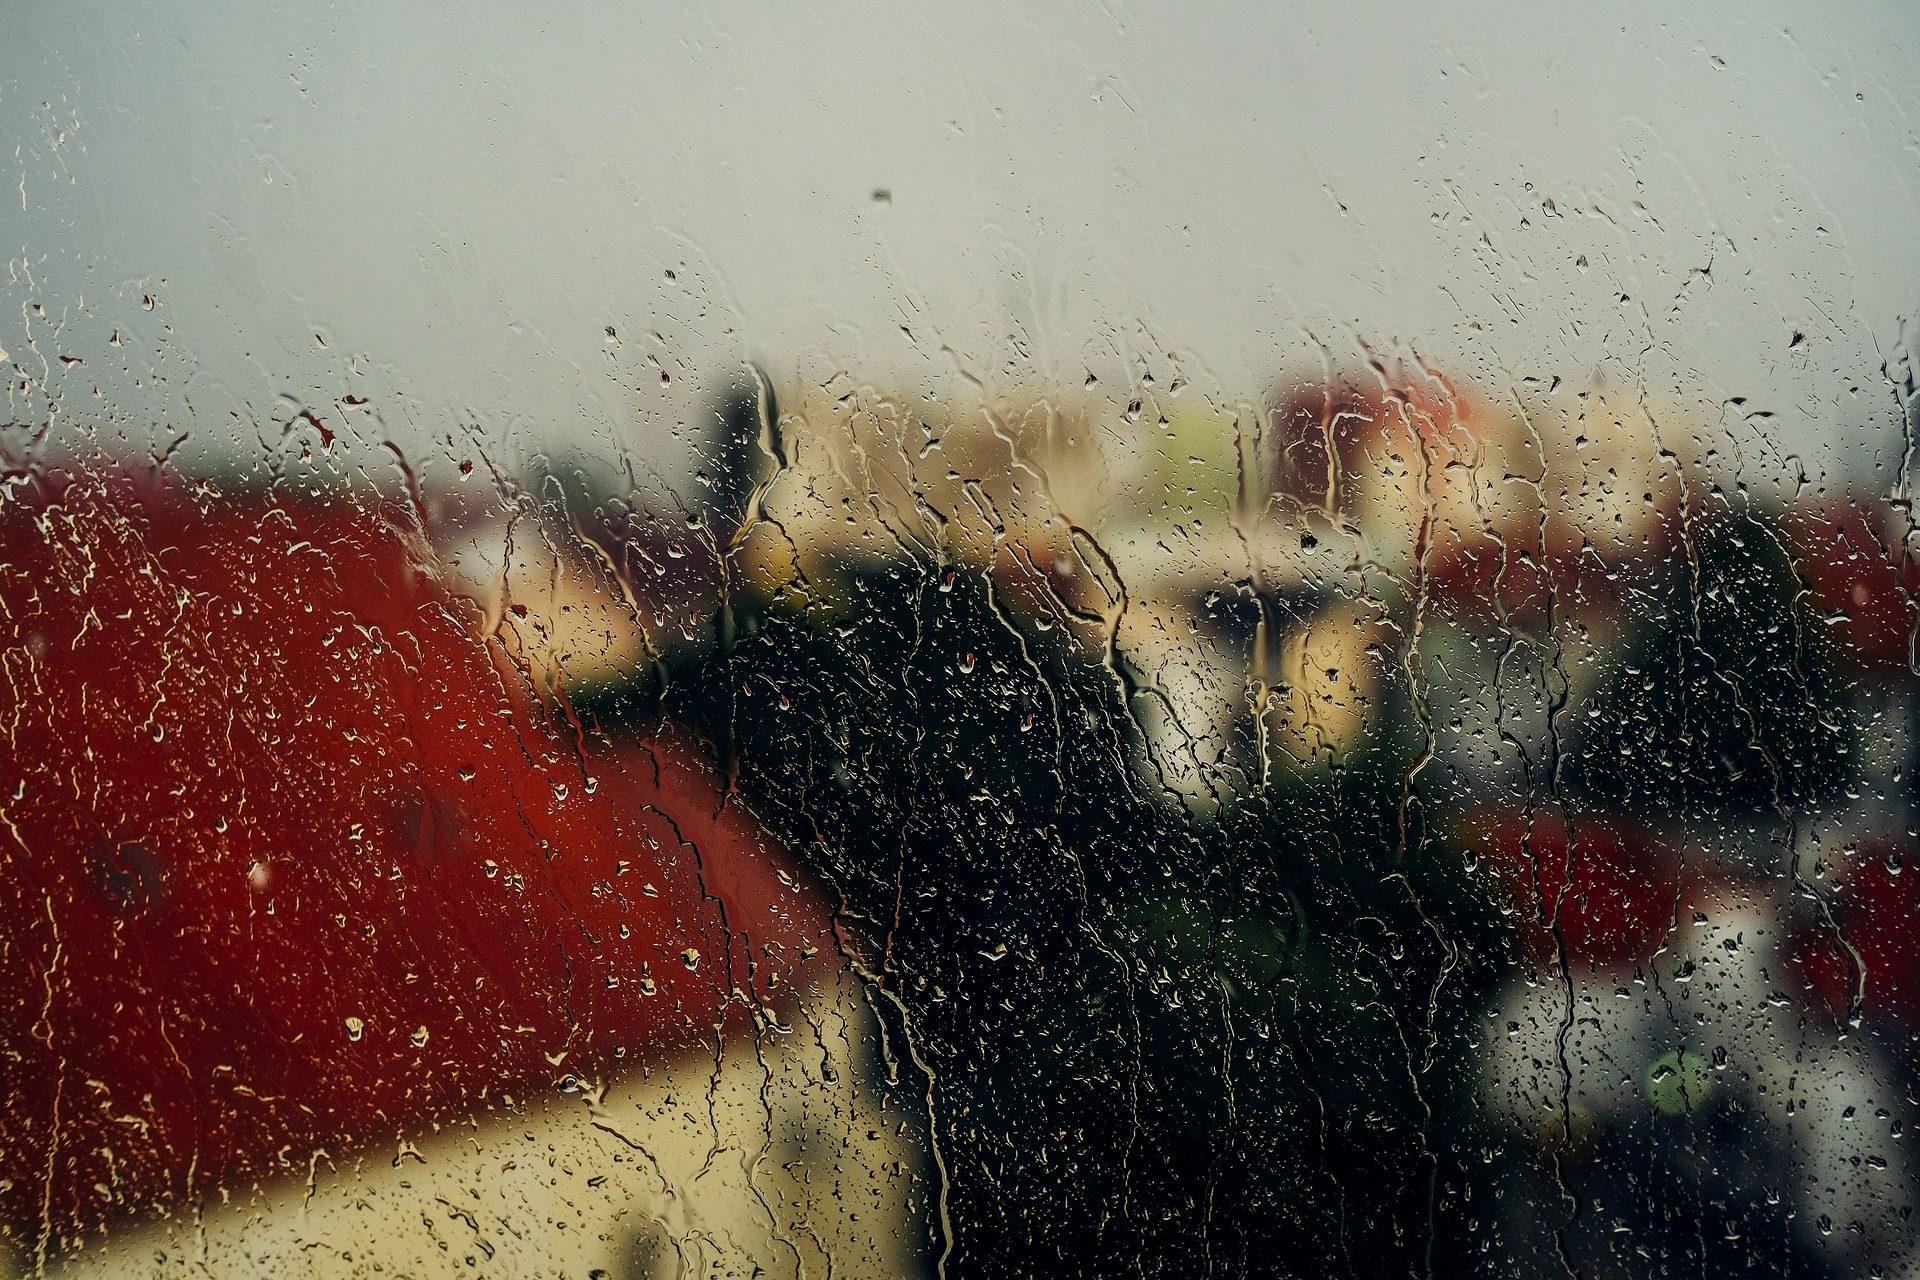 Fenster, Wasser, Regen, Tropfen, Häuser, Fuzzy, außerhalb des Fokus - Wallpaper HD - Prof.-falken.com